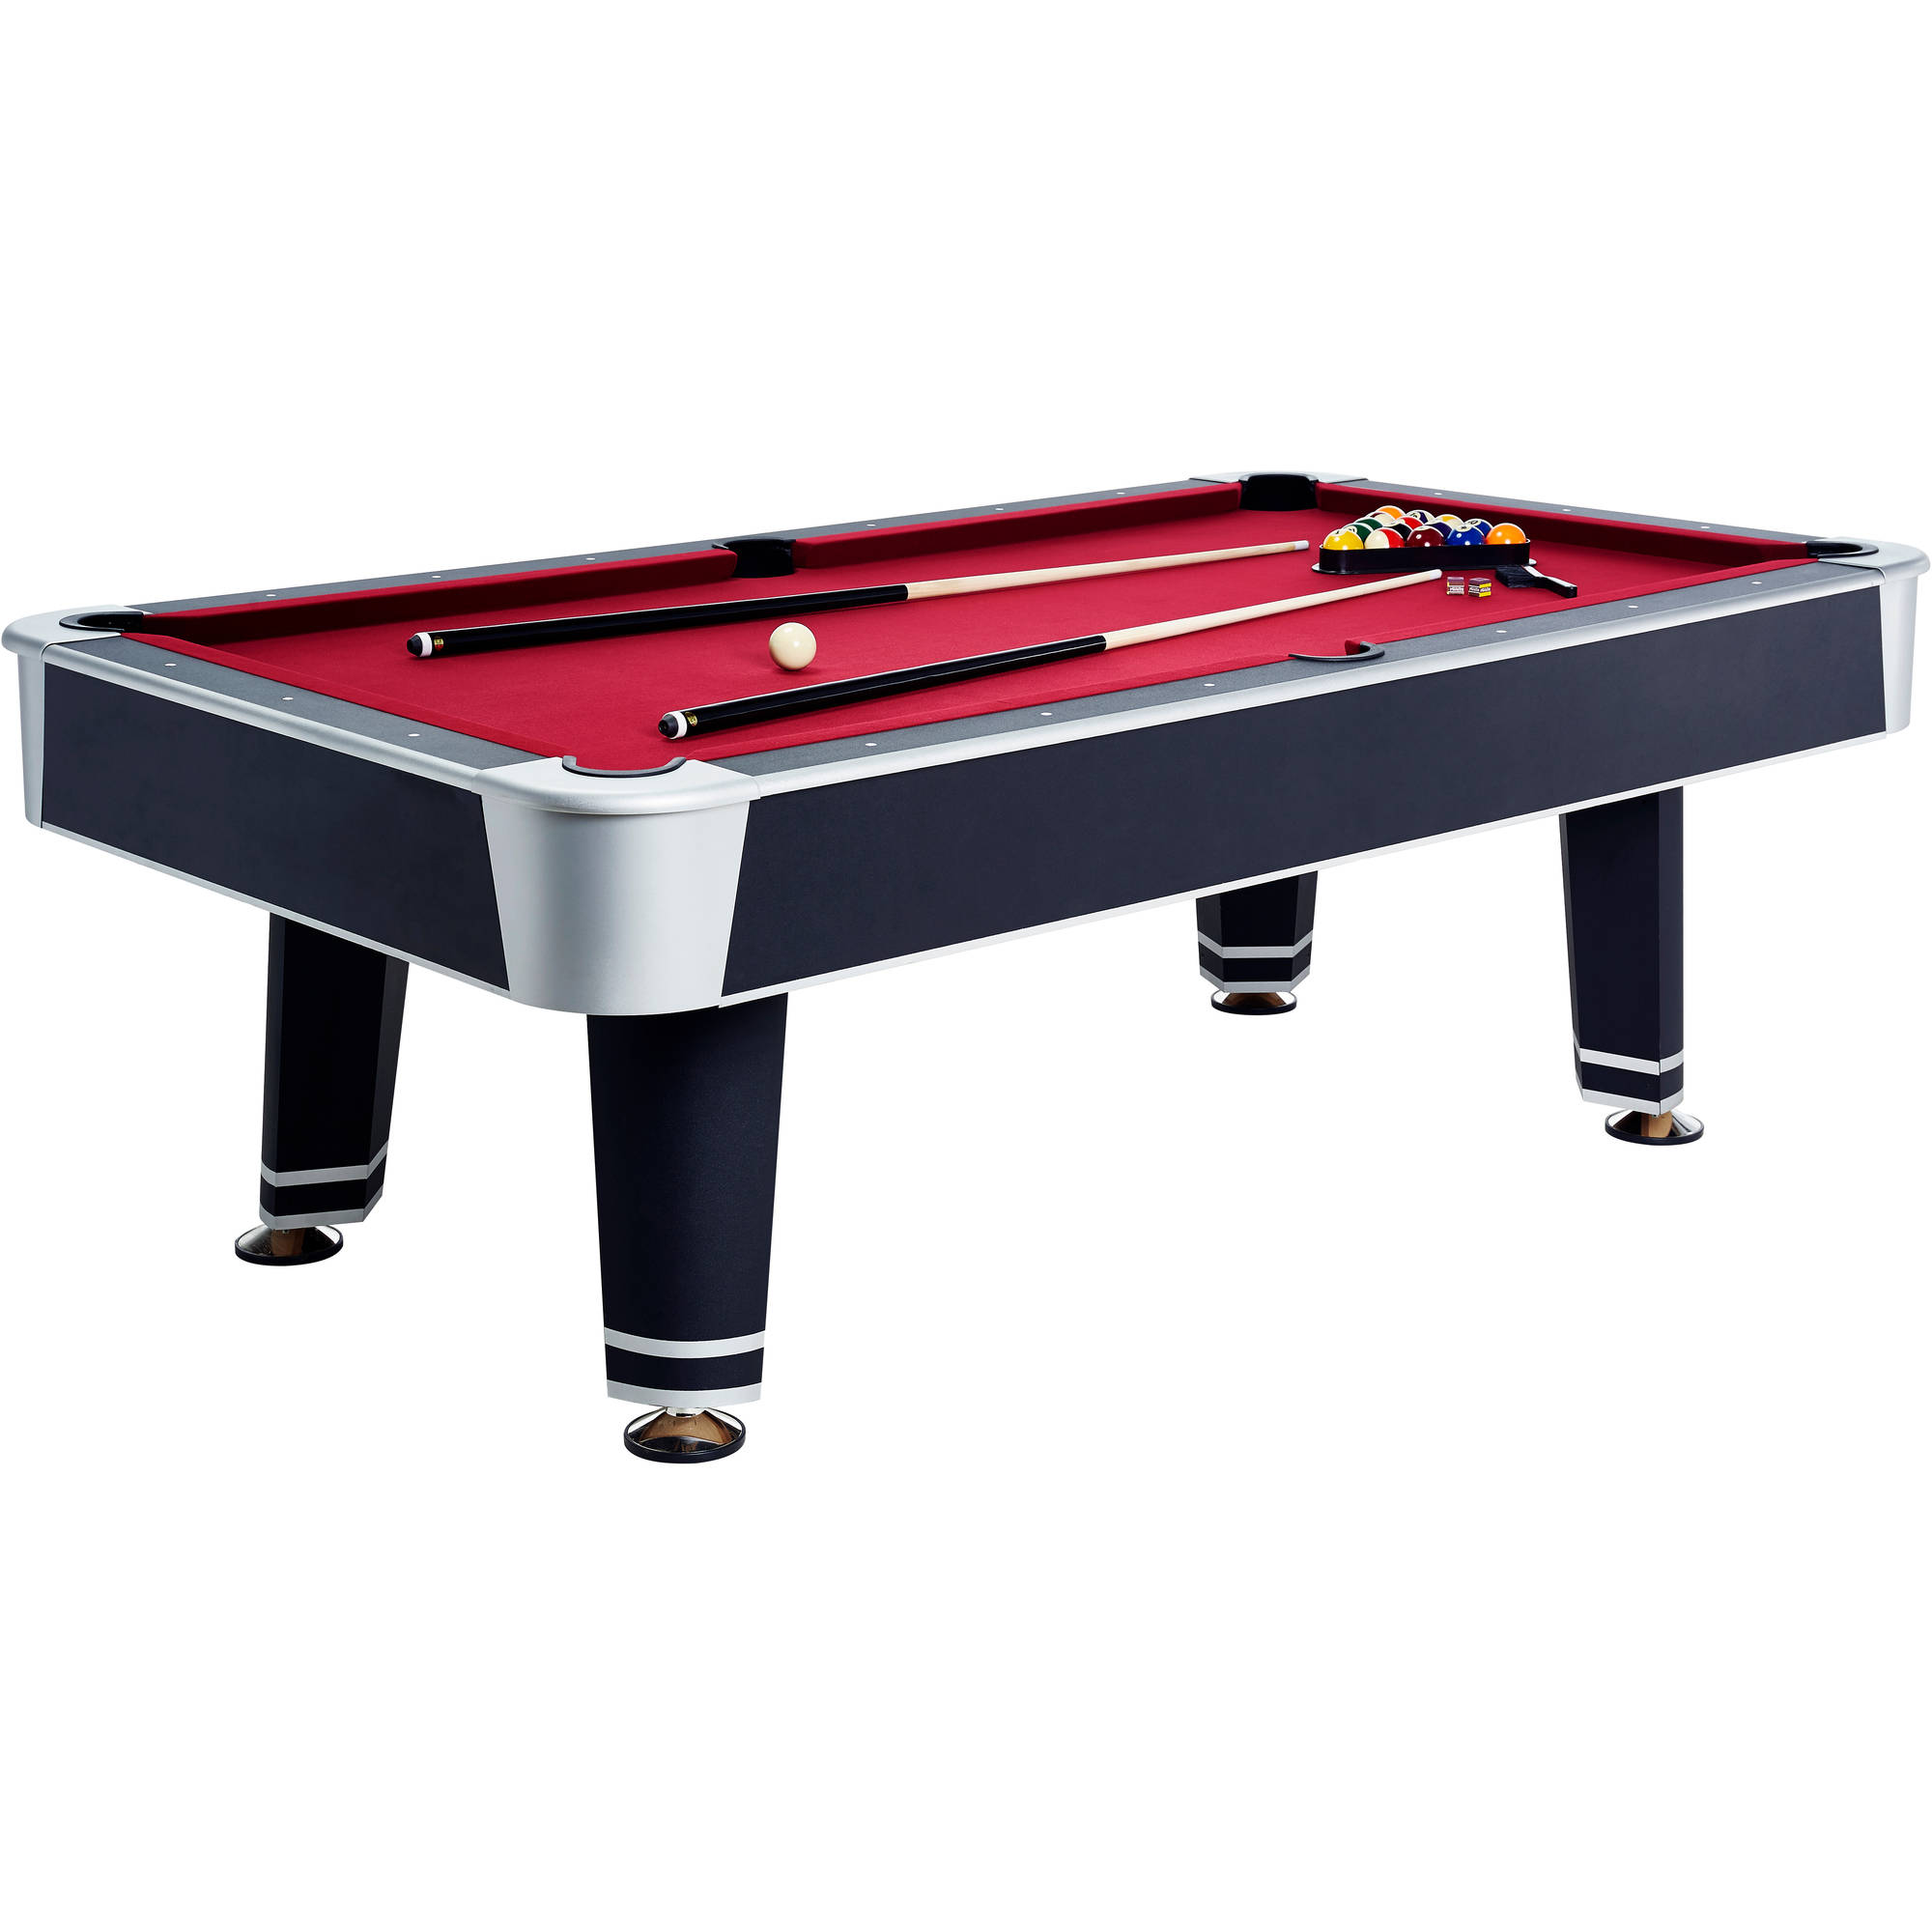 Barrington Billiards Clifton 7 ft Pool Table